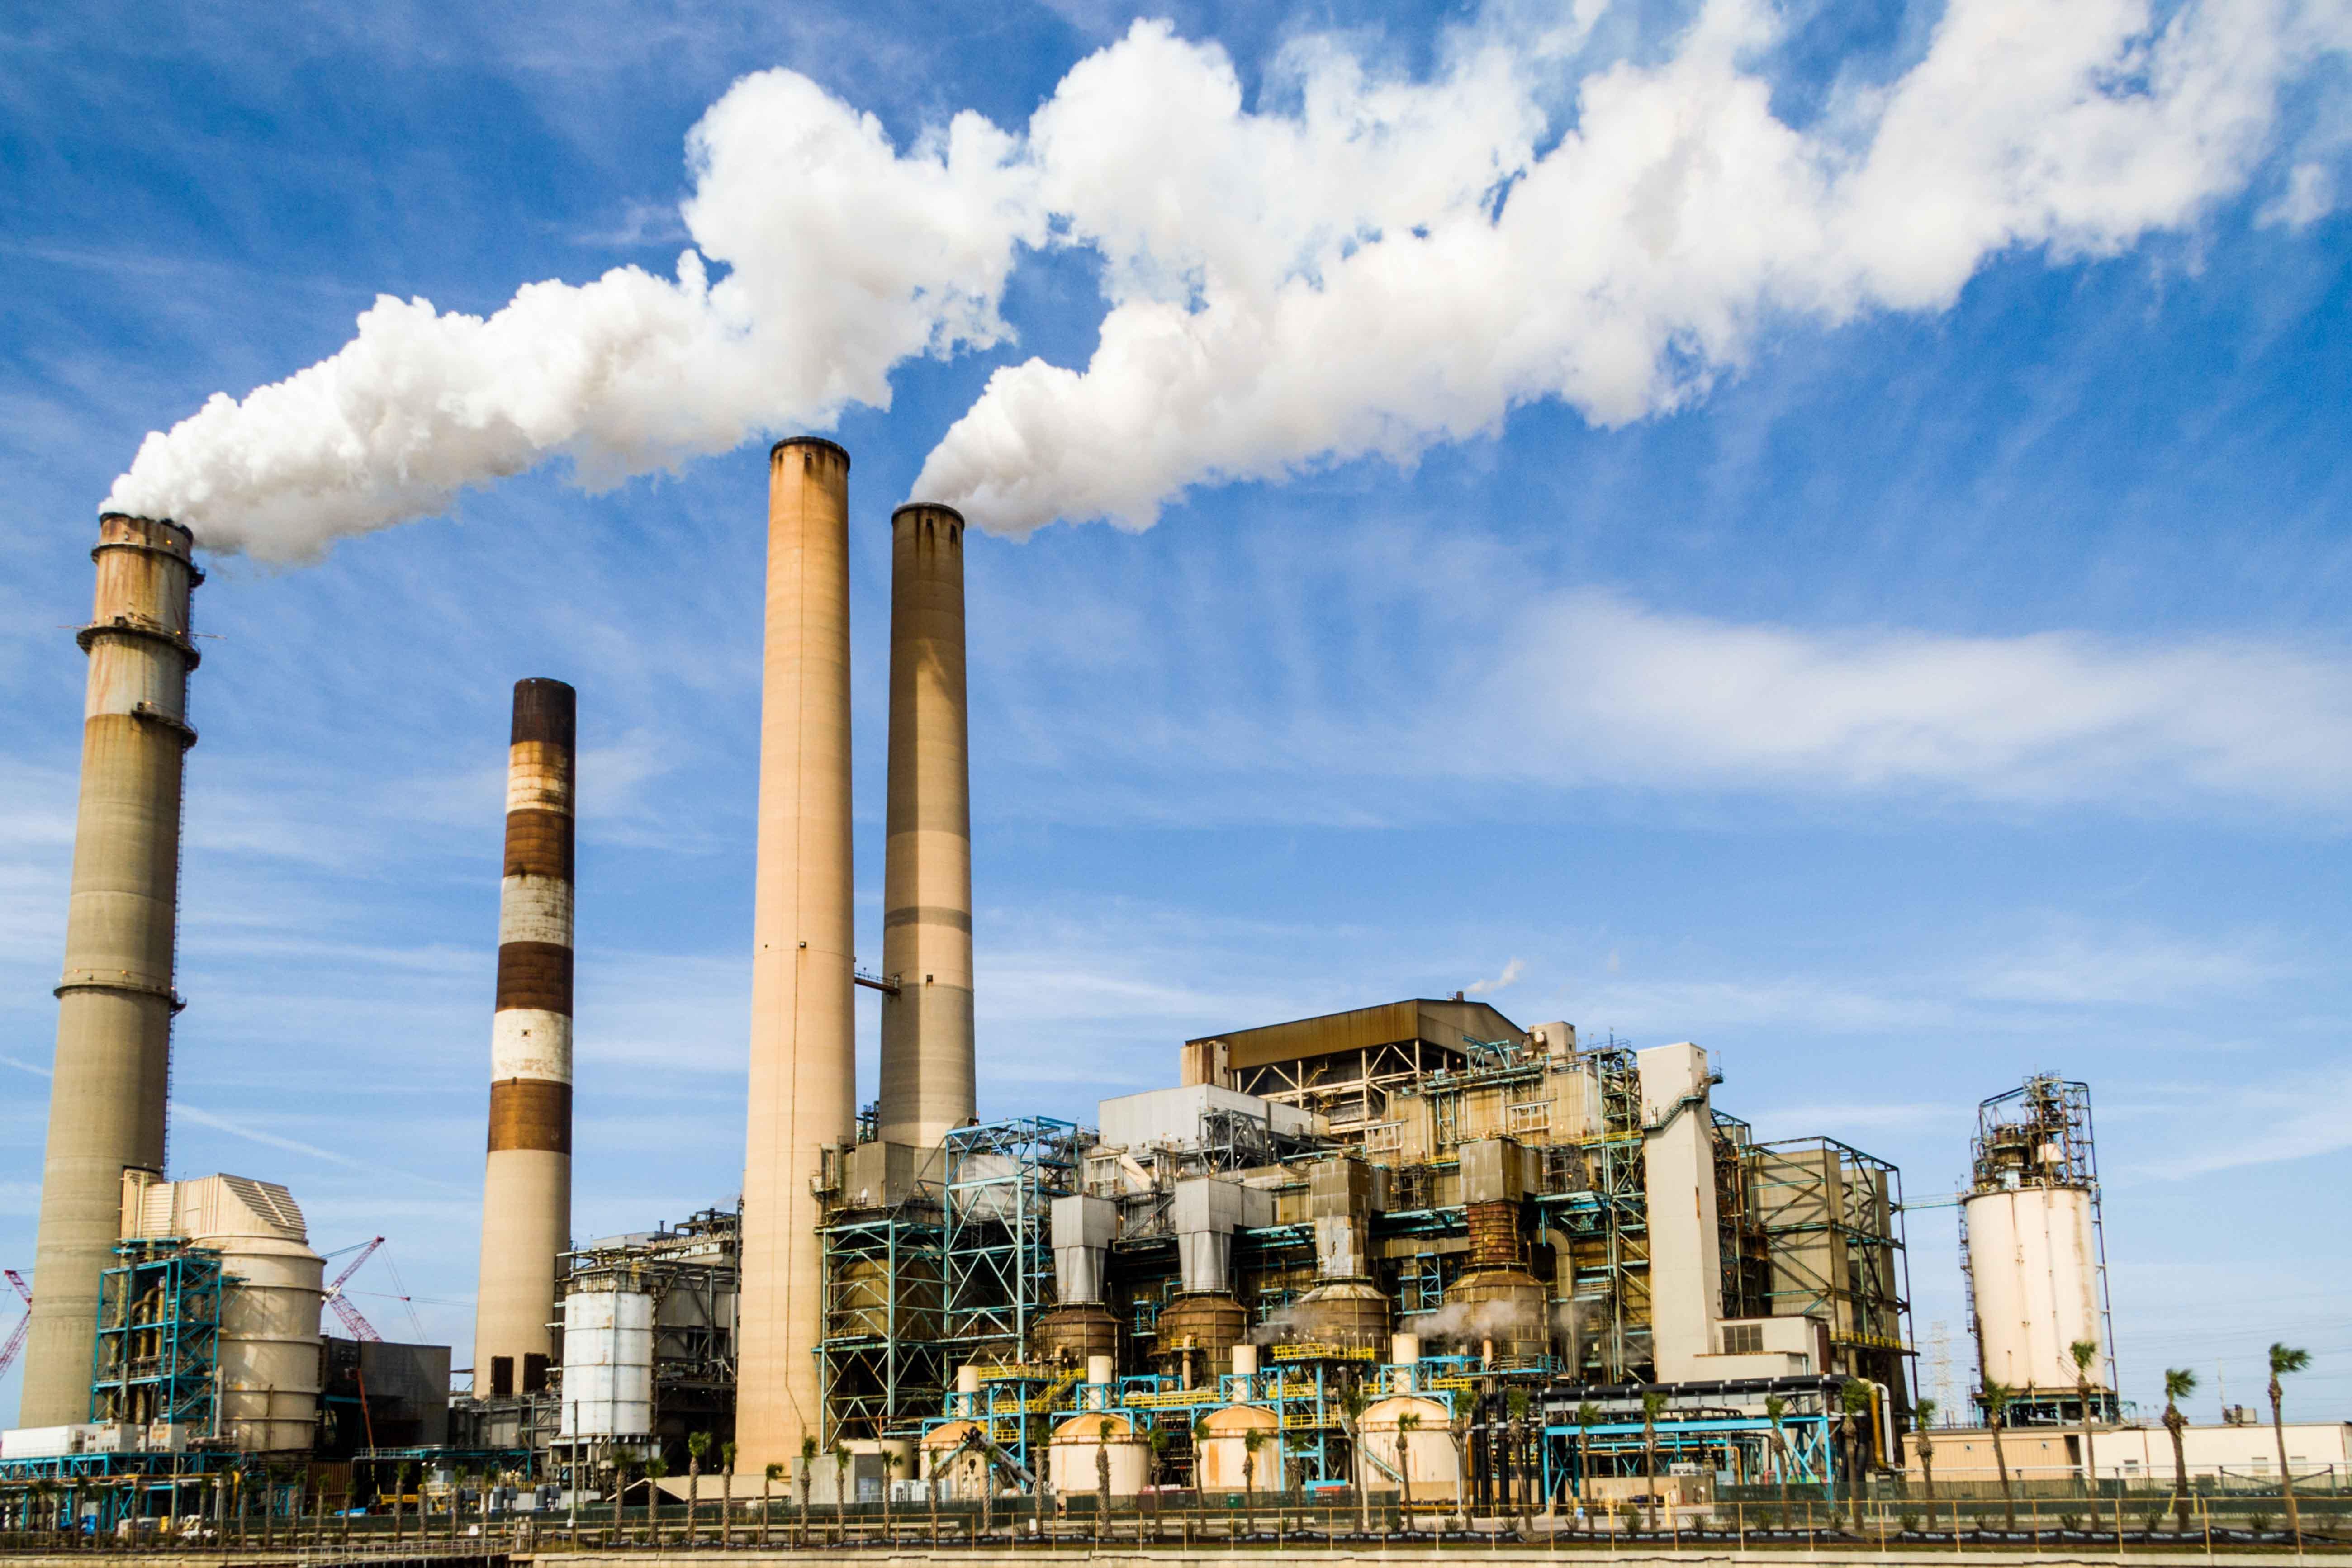 Fábrica emitiendo humos